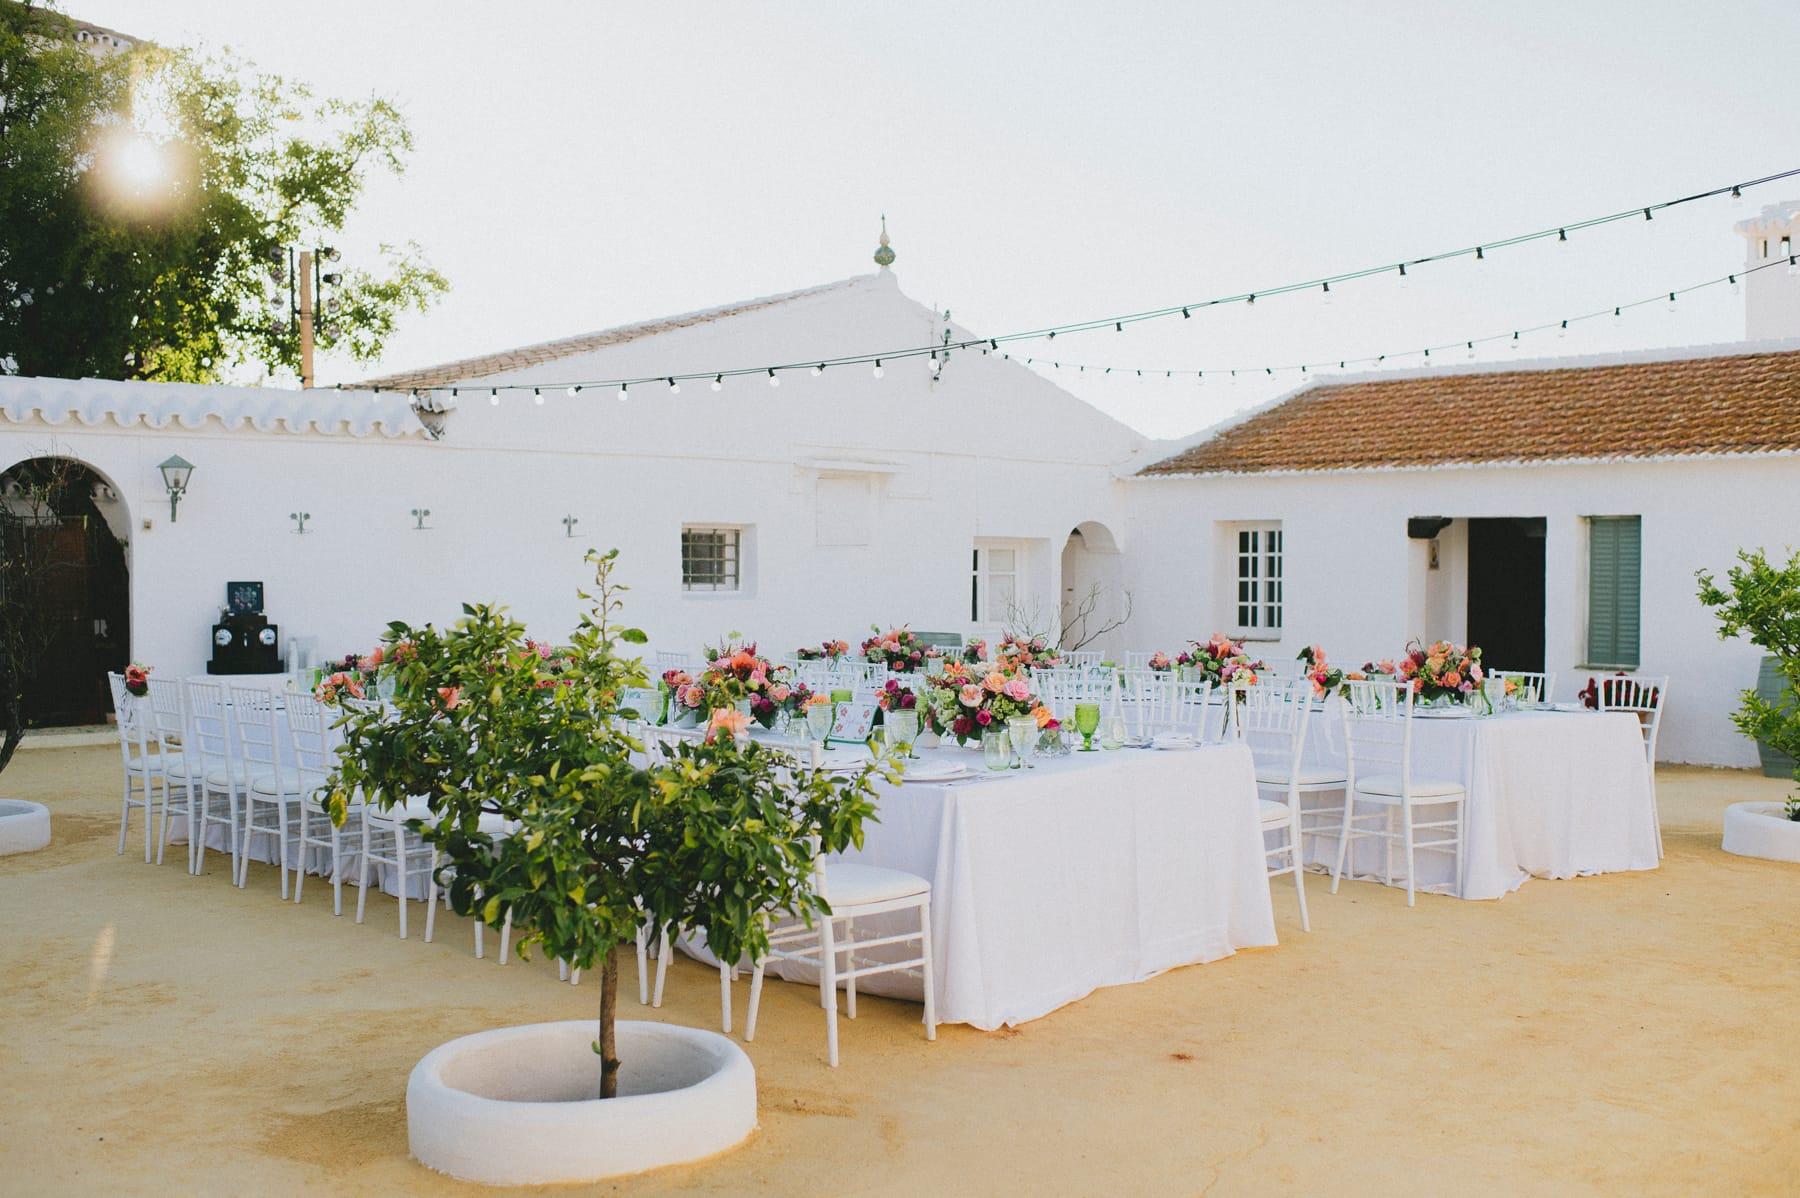 Boda en marbella cortijo correa bodas en marbella - Decoracion marbella ...